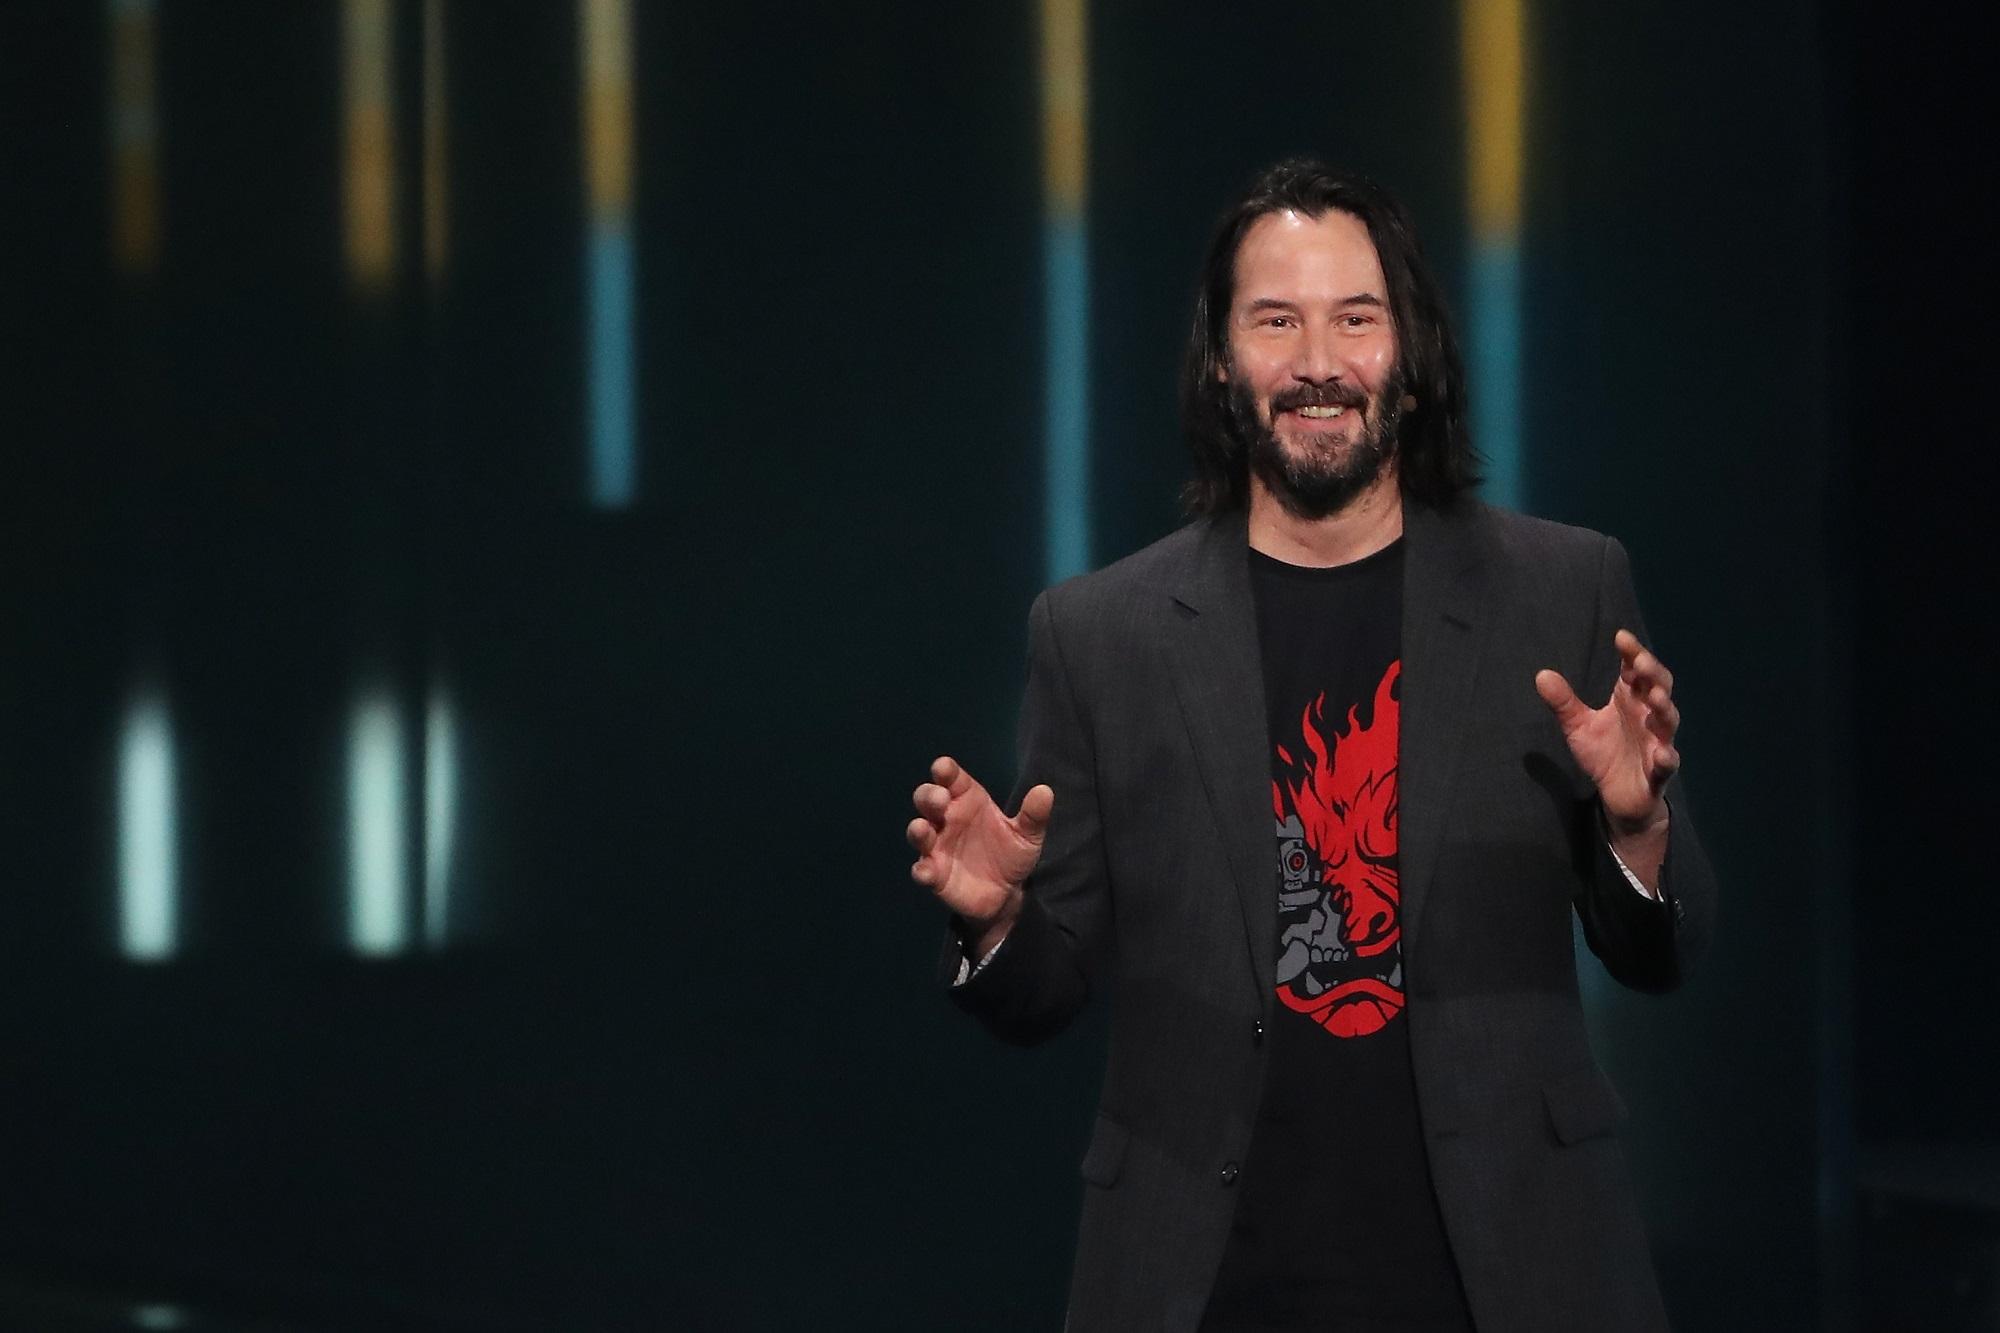 Keanu Reeves speaks about Cyberpunk 2077 from developer CD Projekt Red